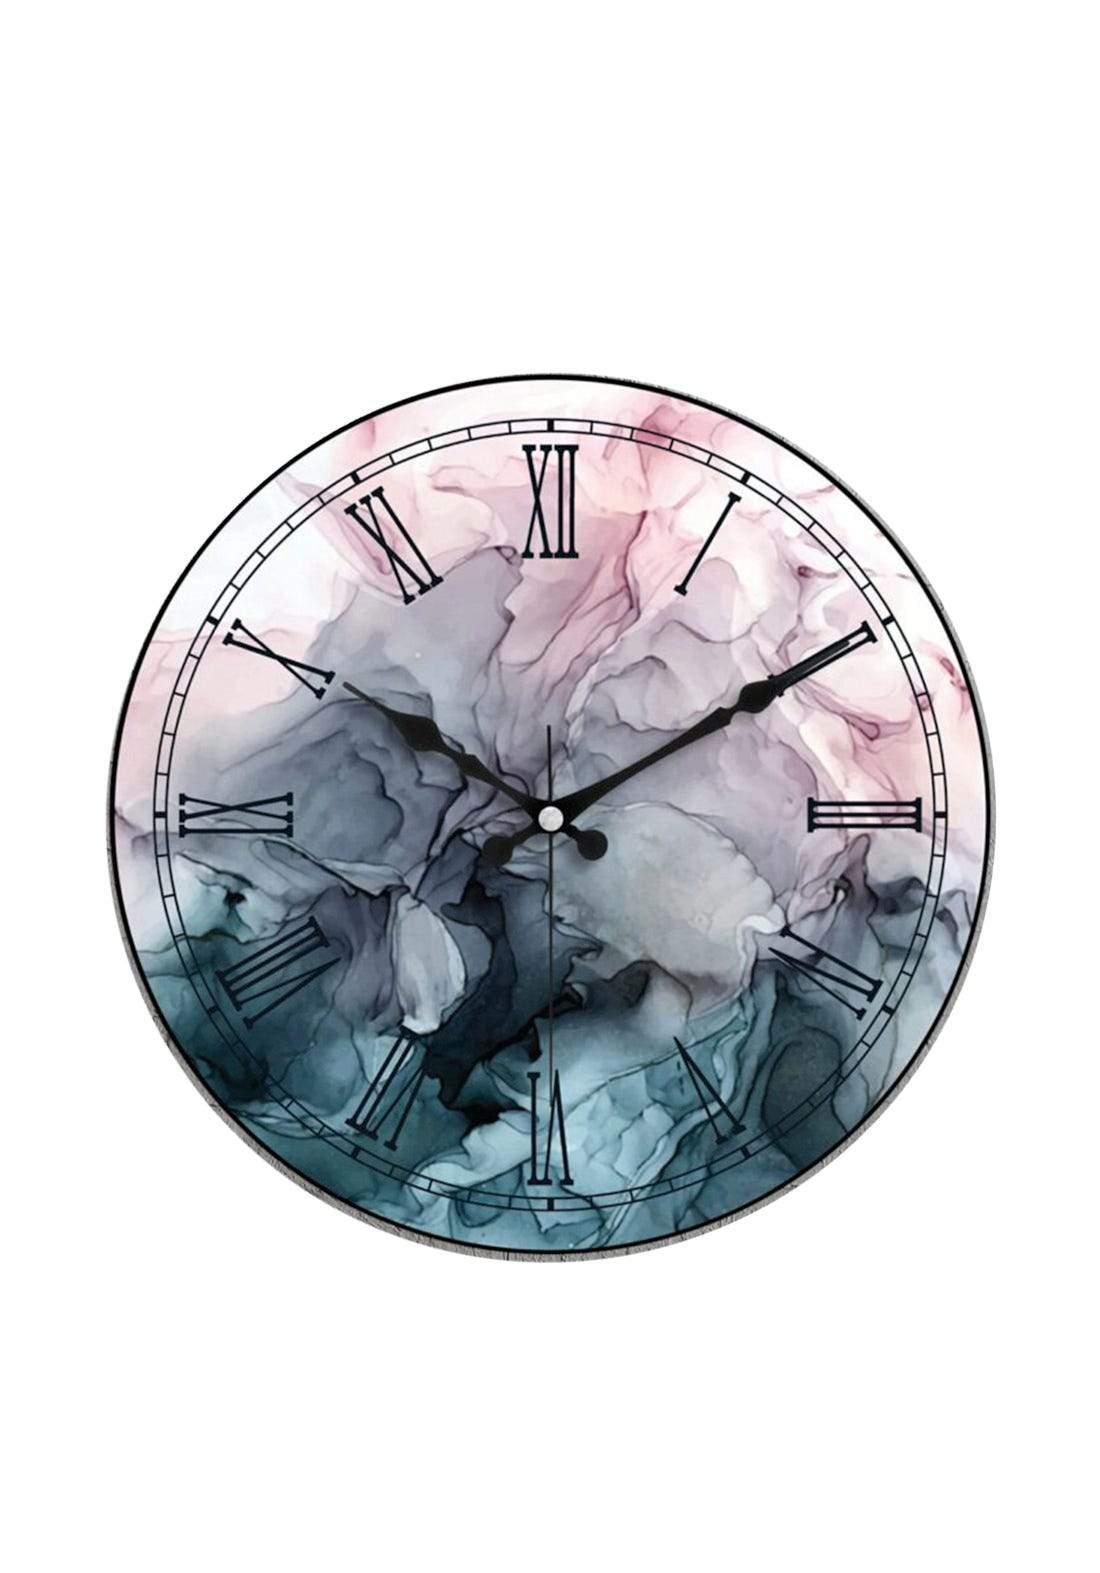 ساعة جدارية بتصميم عصري